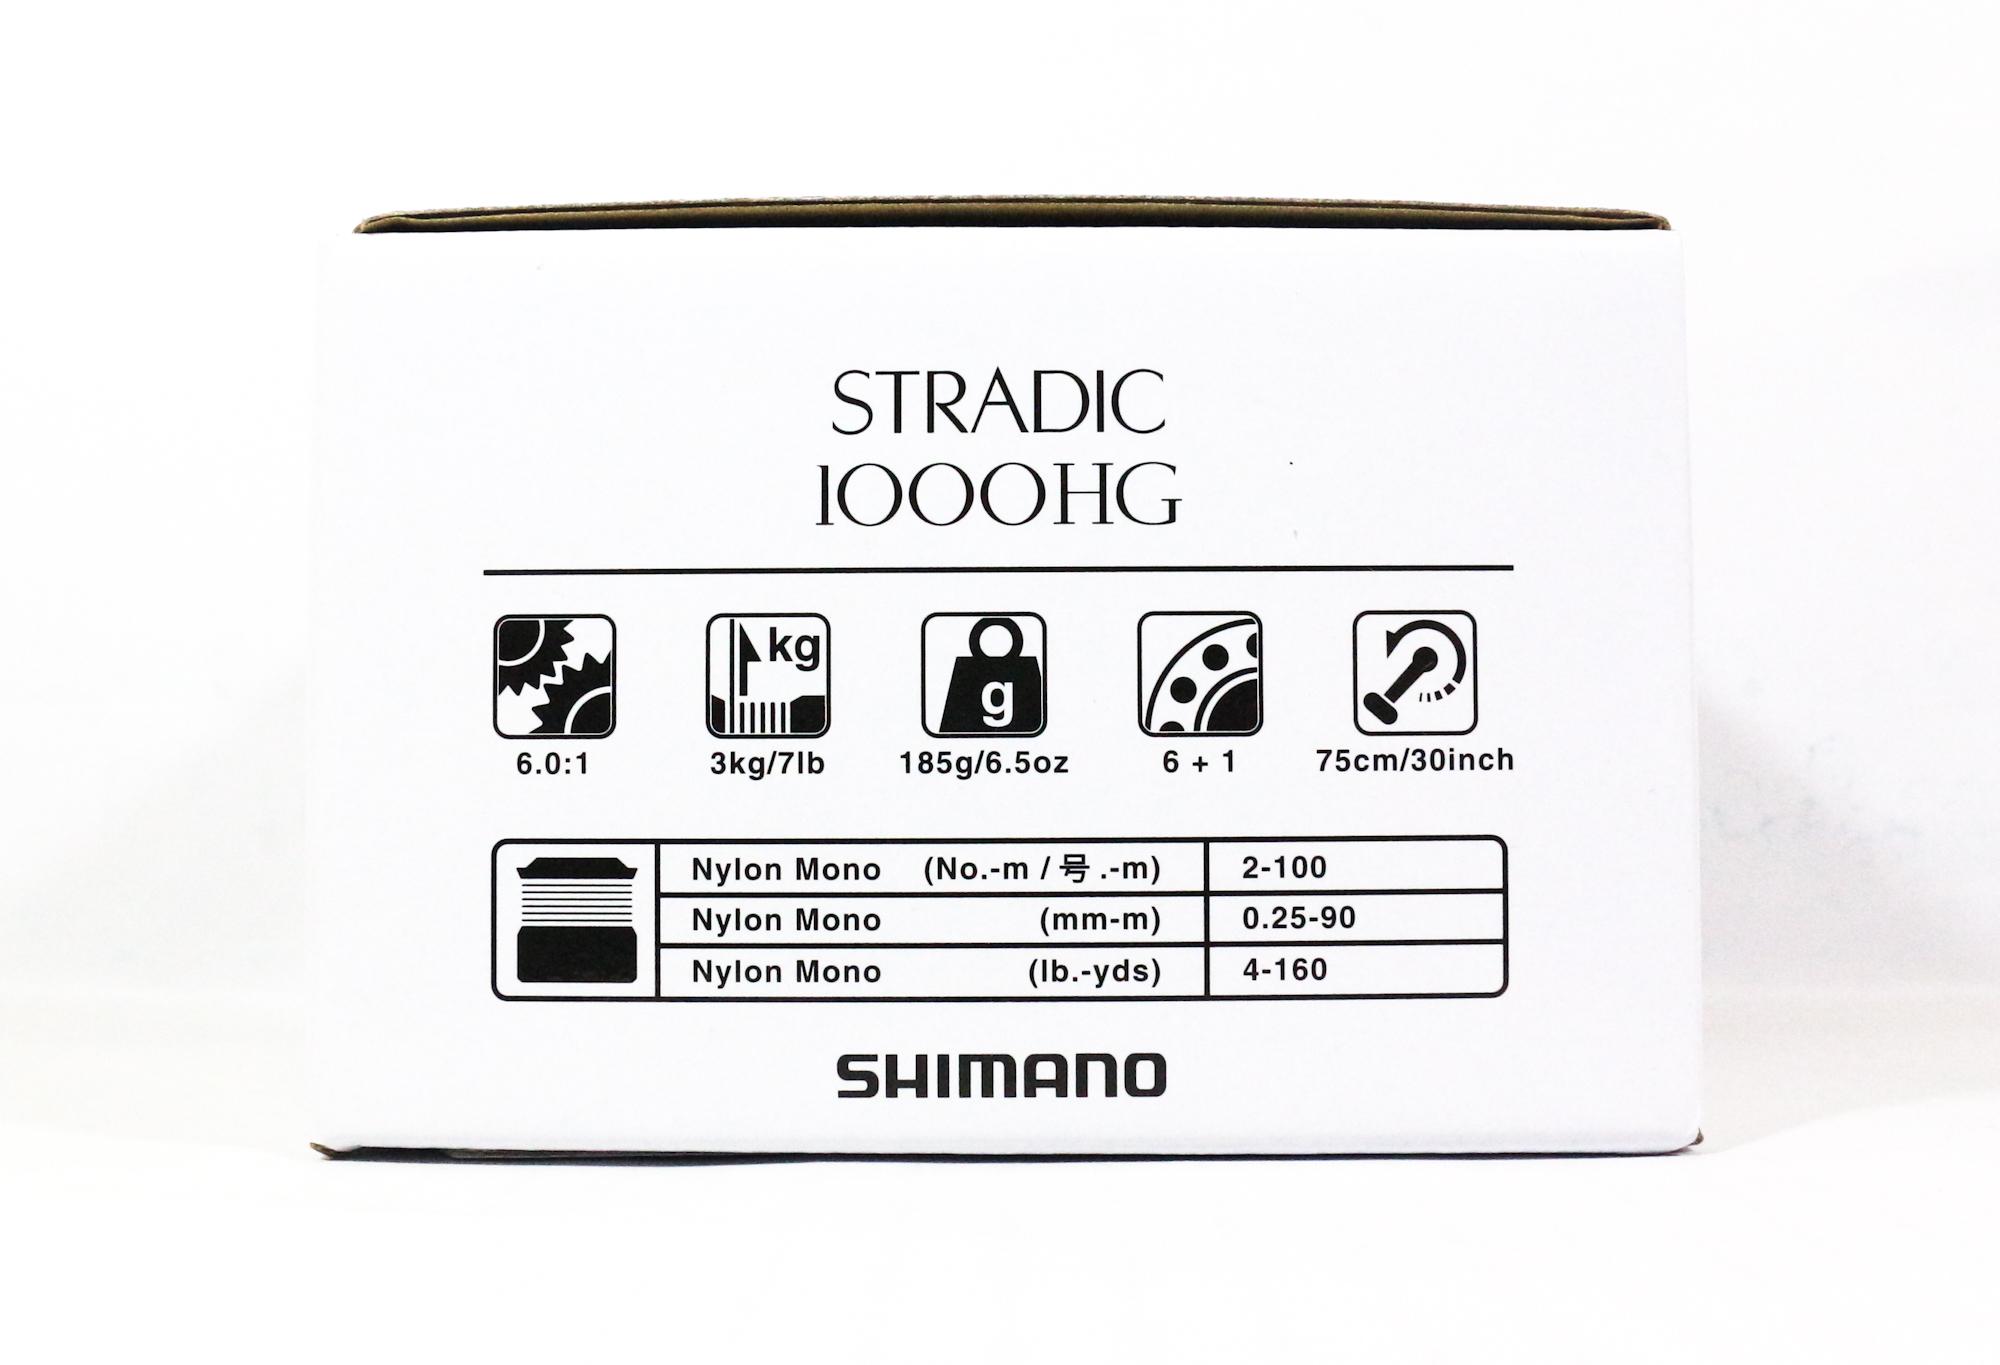 Shimano Reel Spinning Stradic 1000 HG ST-1000HGFL (5816)